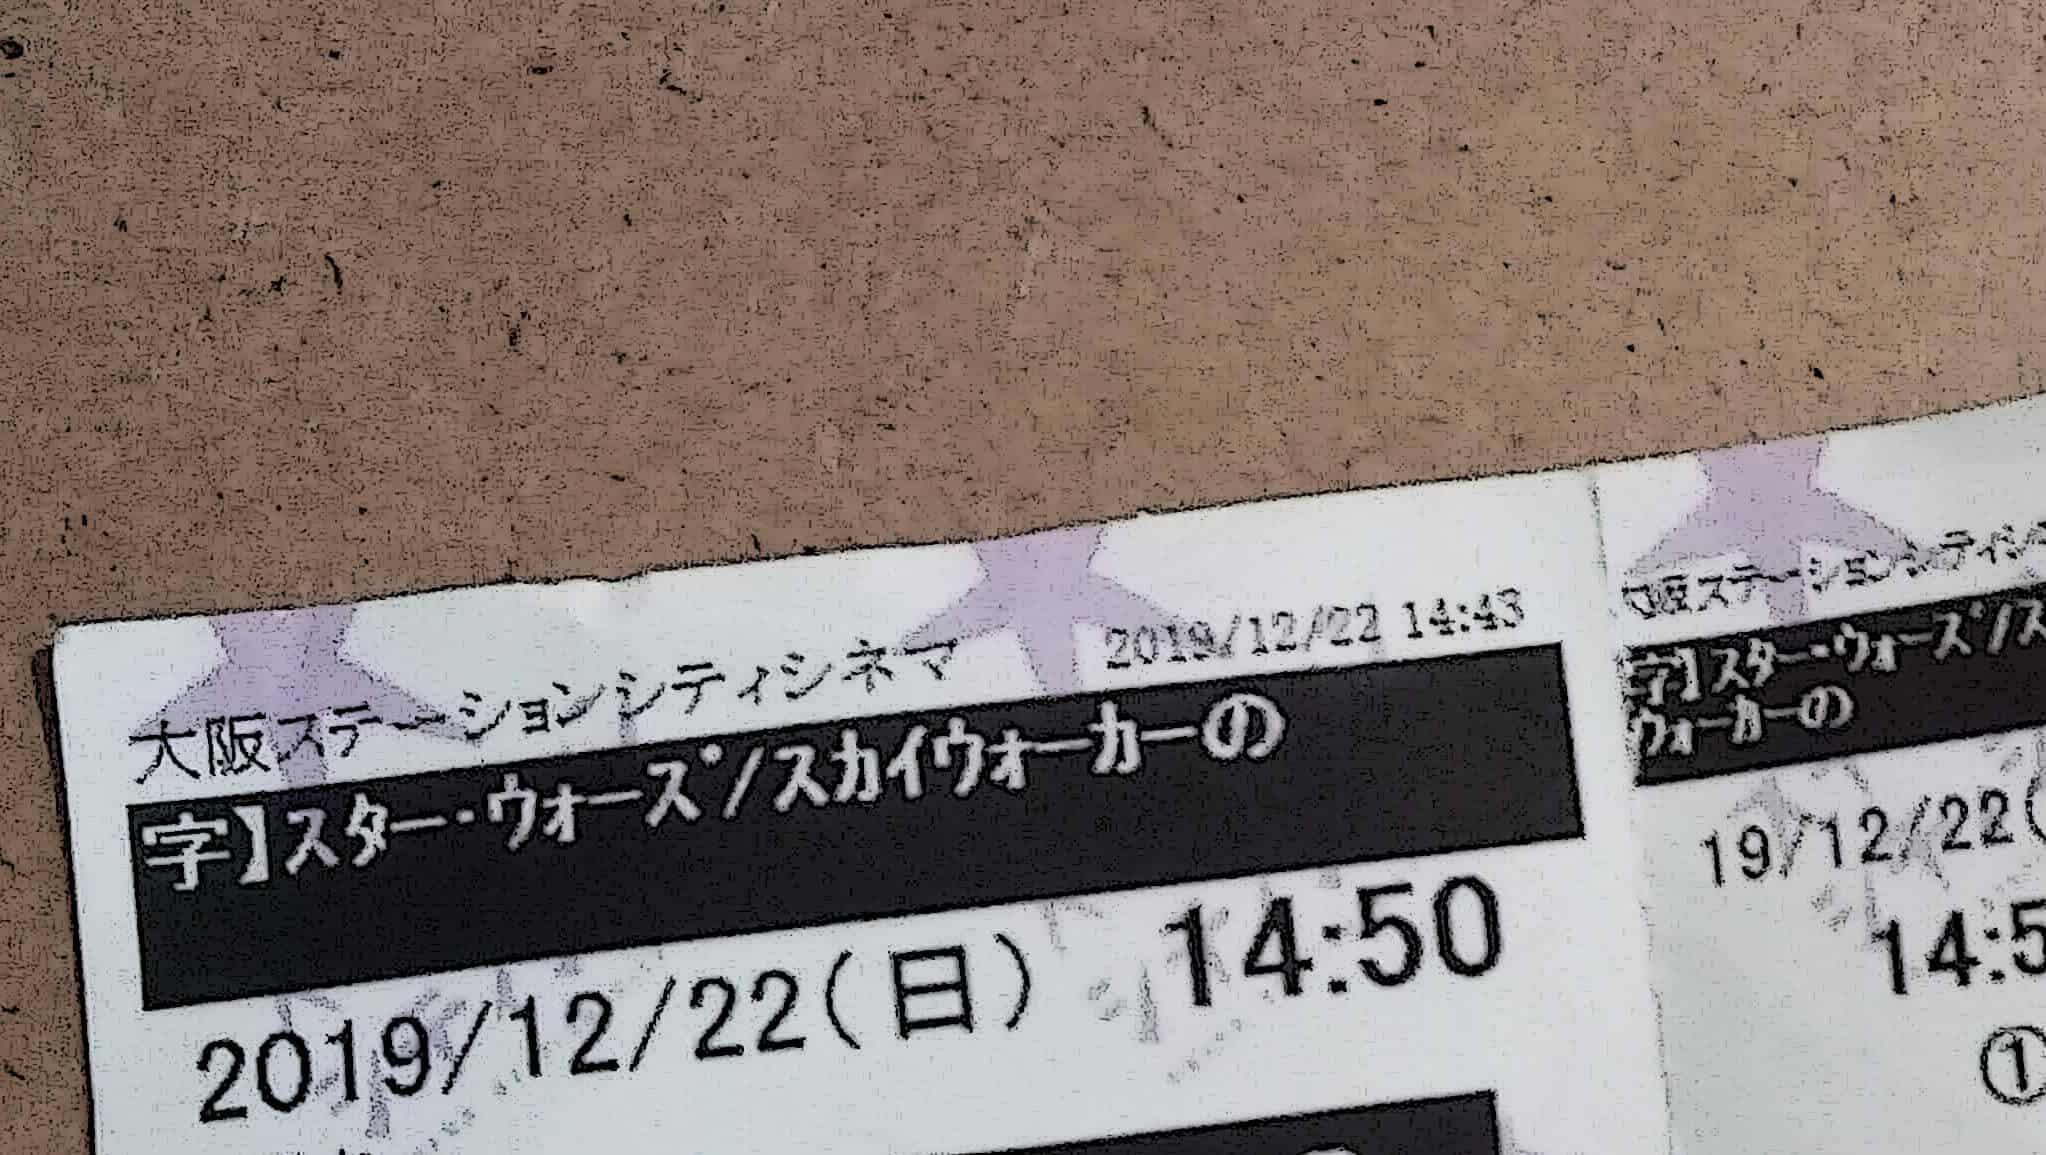 スター・ウォーズ/スカイウォーカーの夜明け チケット